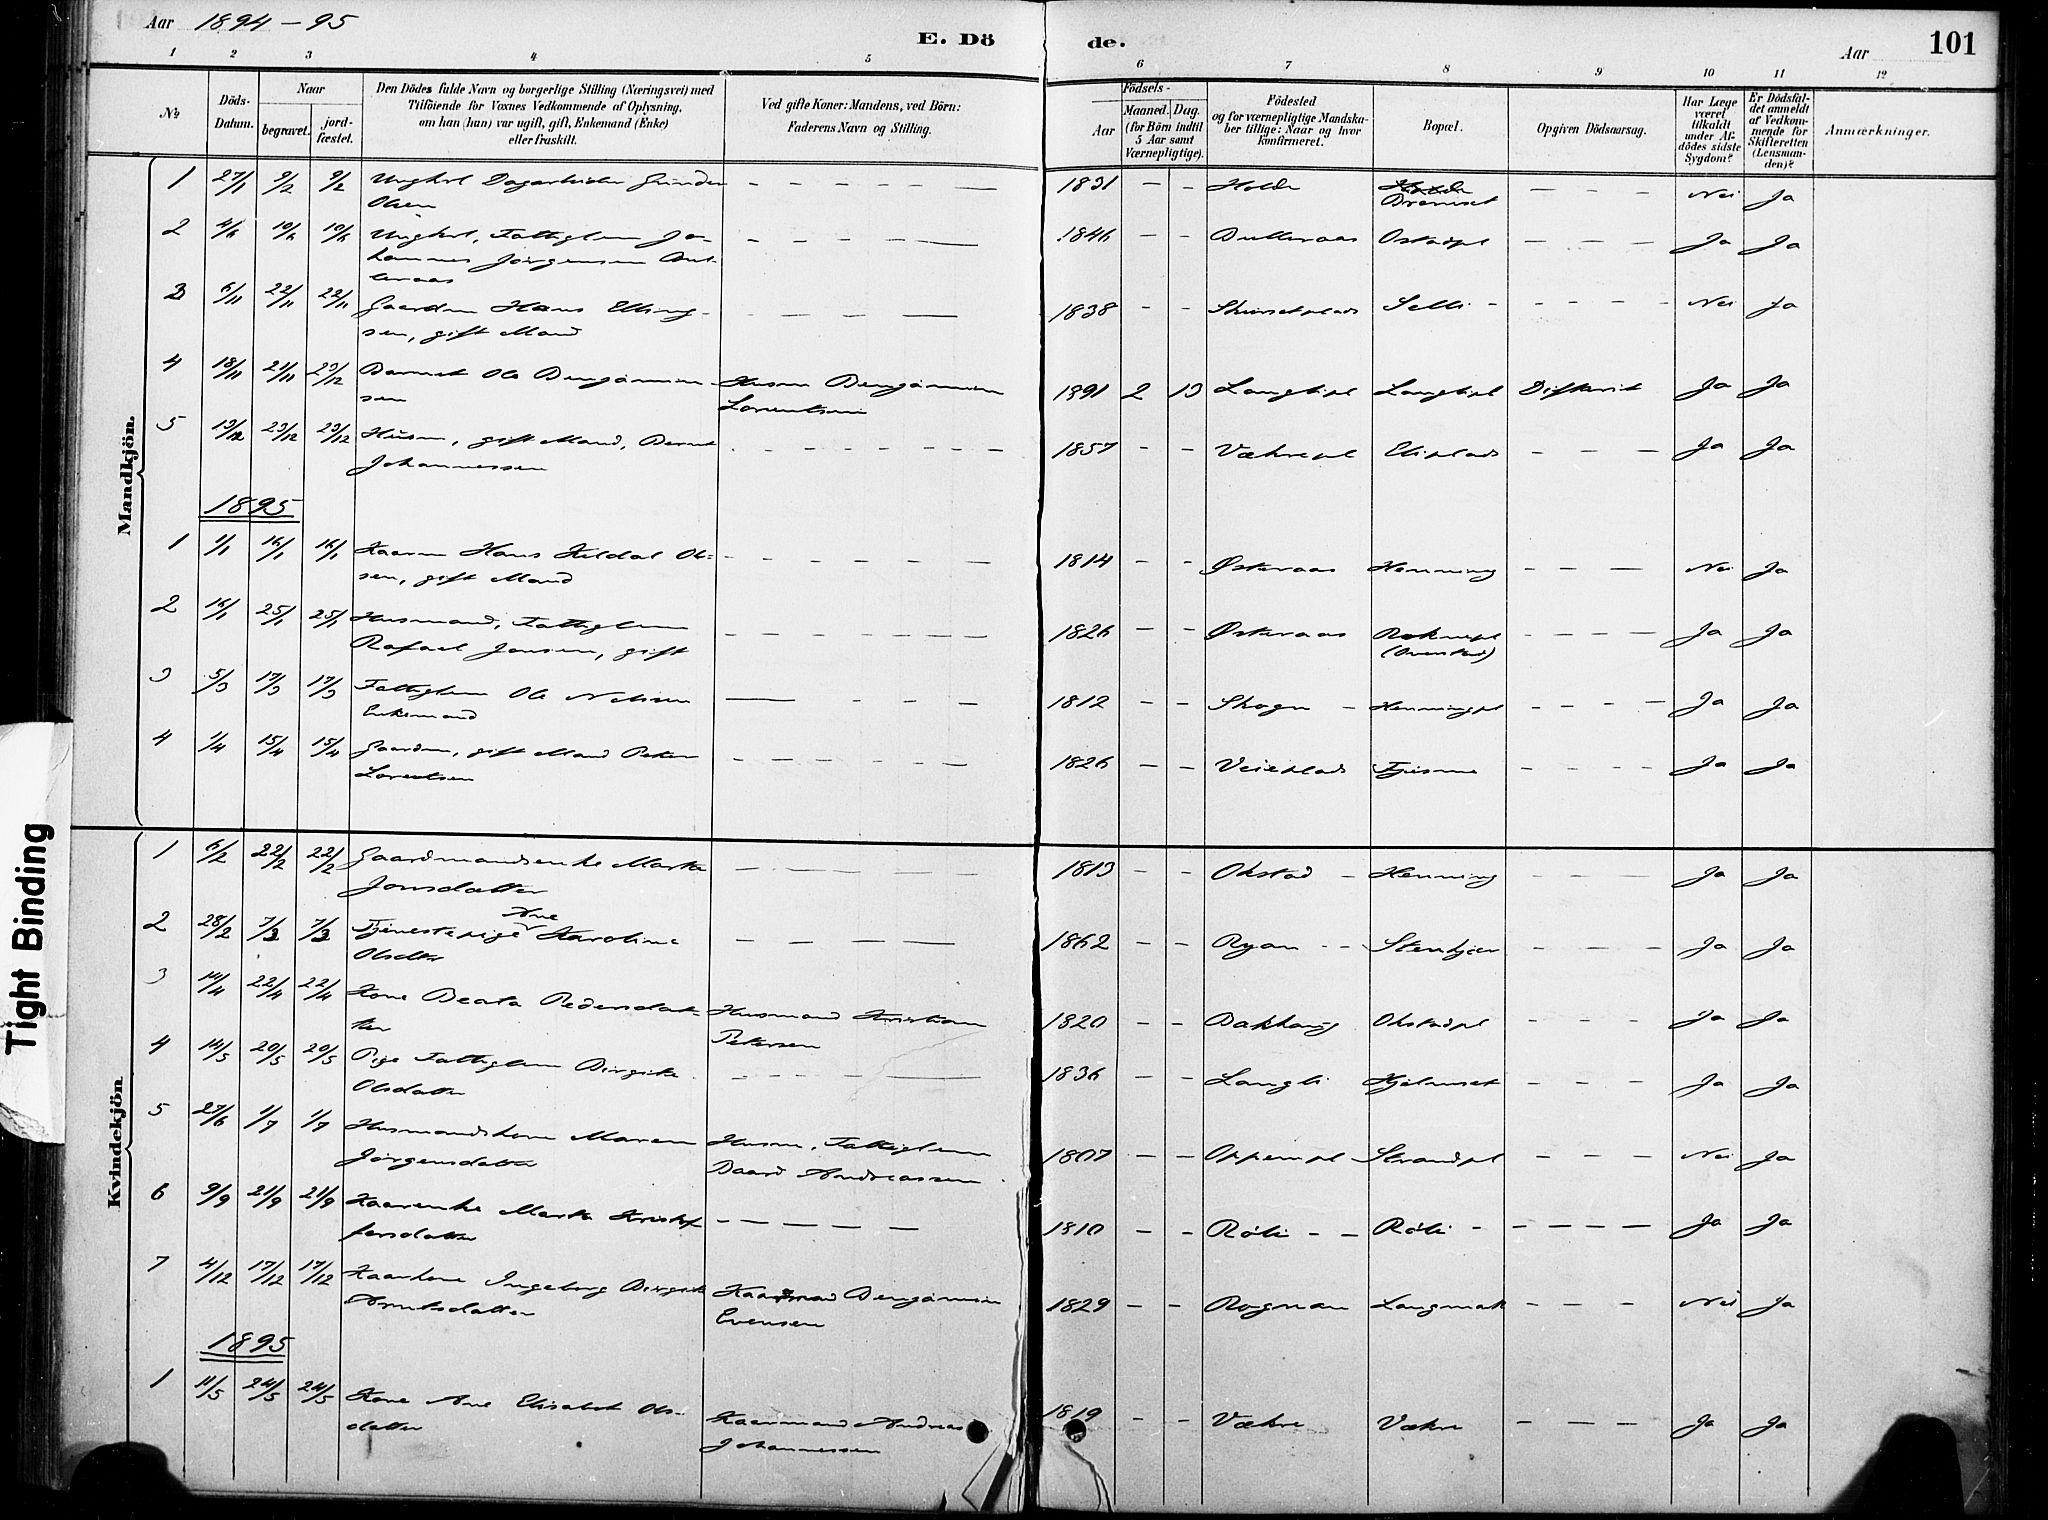 SAT, Ministerialprotokoller, klokkerbøker og fødselsregistre - Nord-Trøndelag, 738/L0364: Ministerialbok nr. 738A01, 1884-1902, s. 101